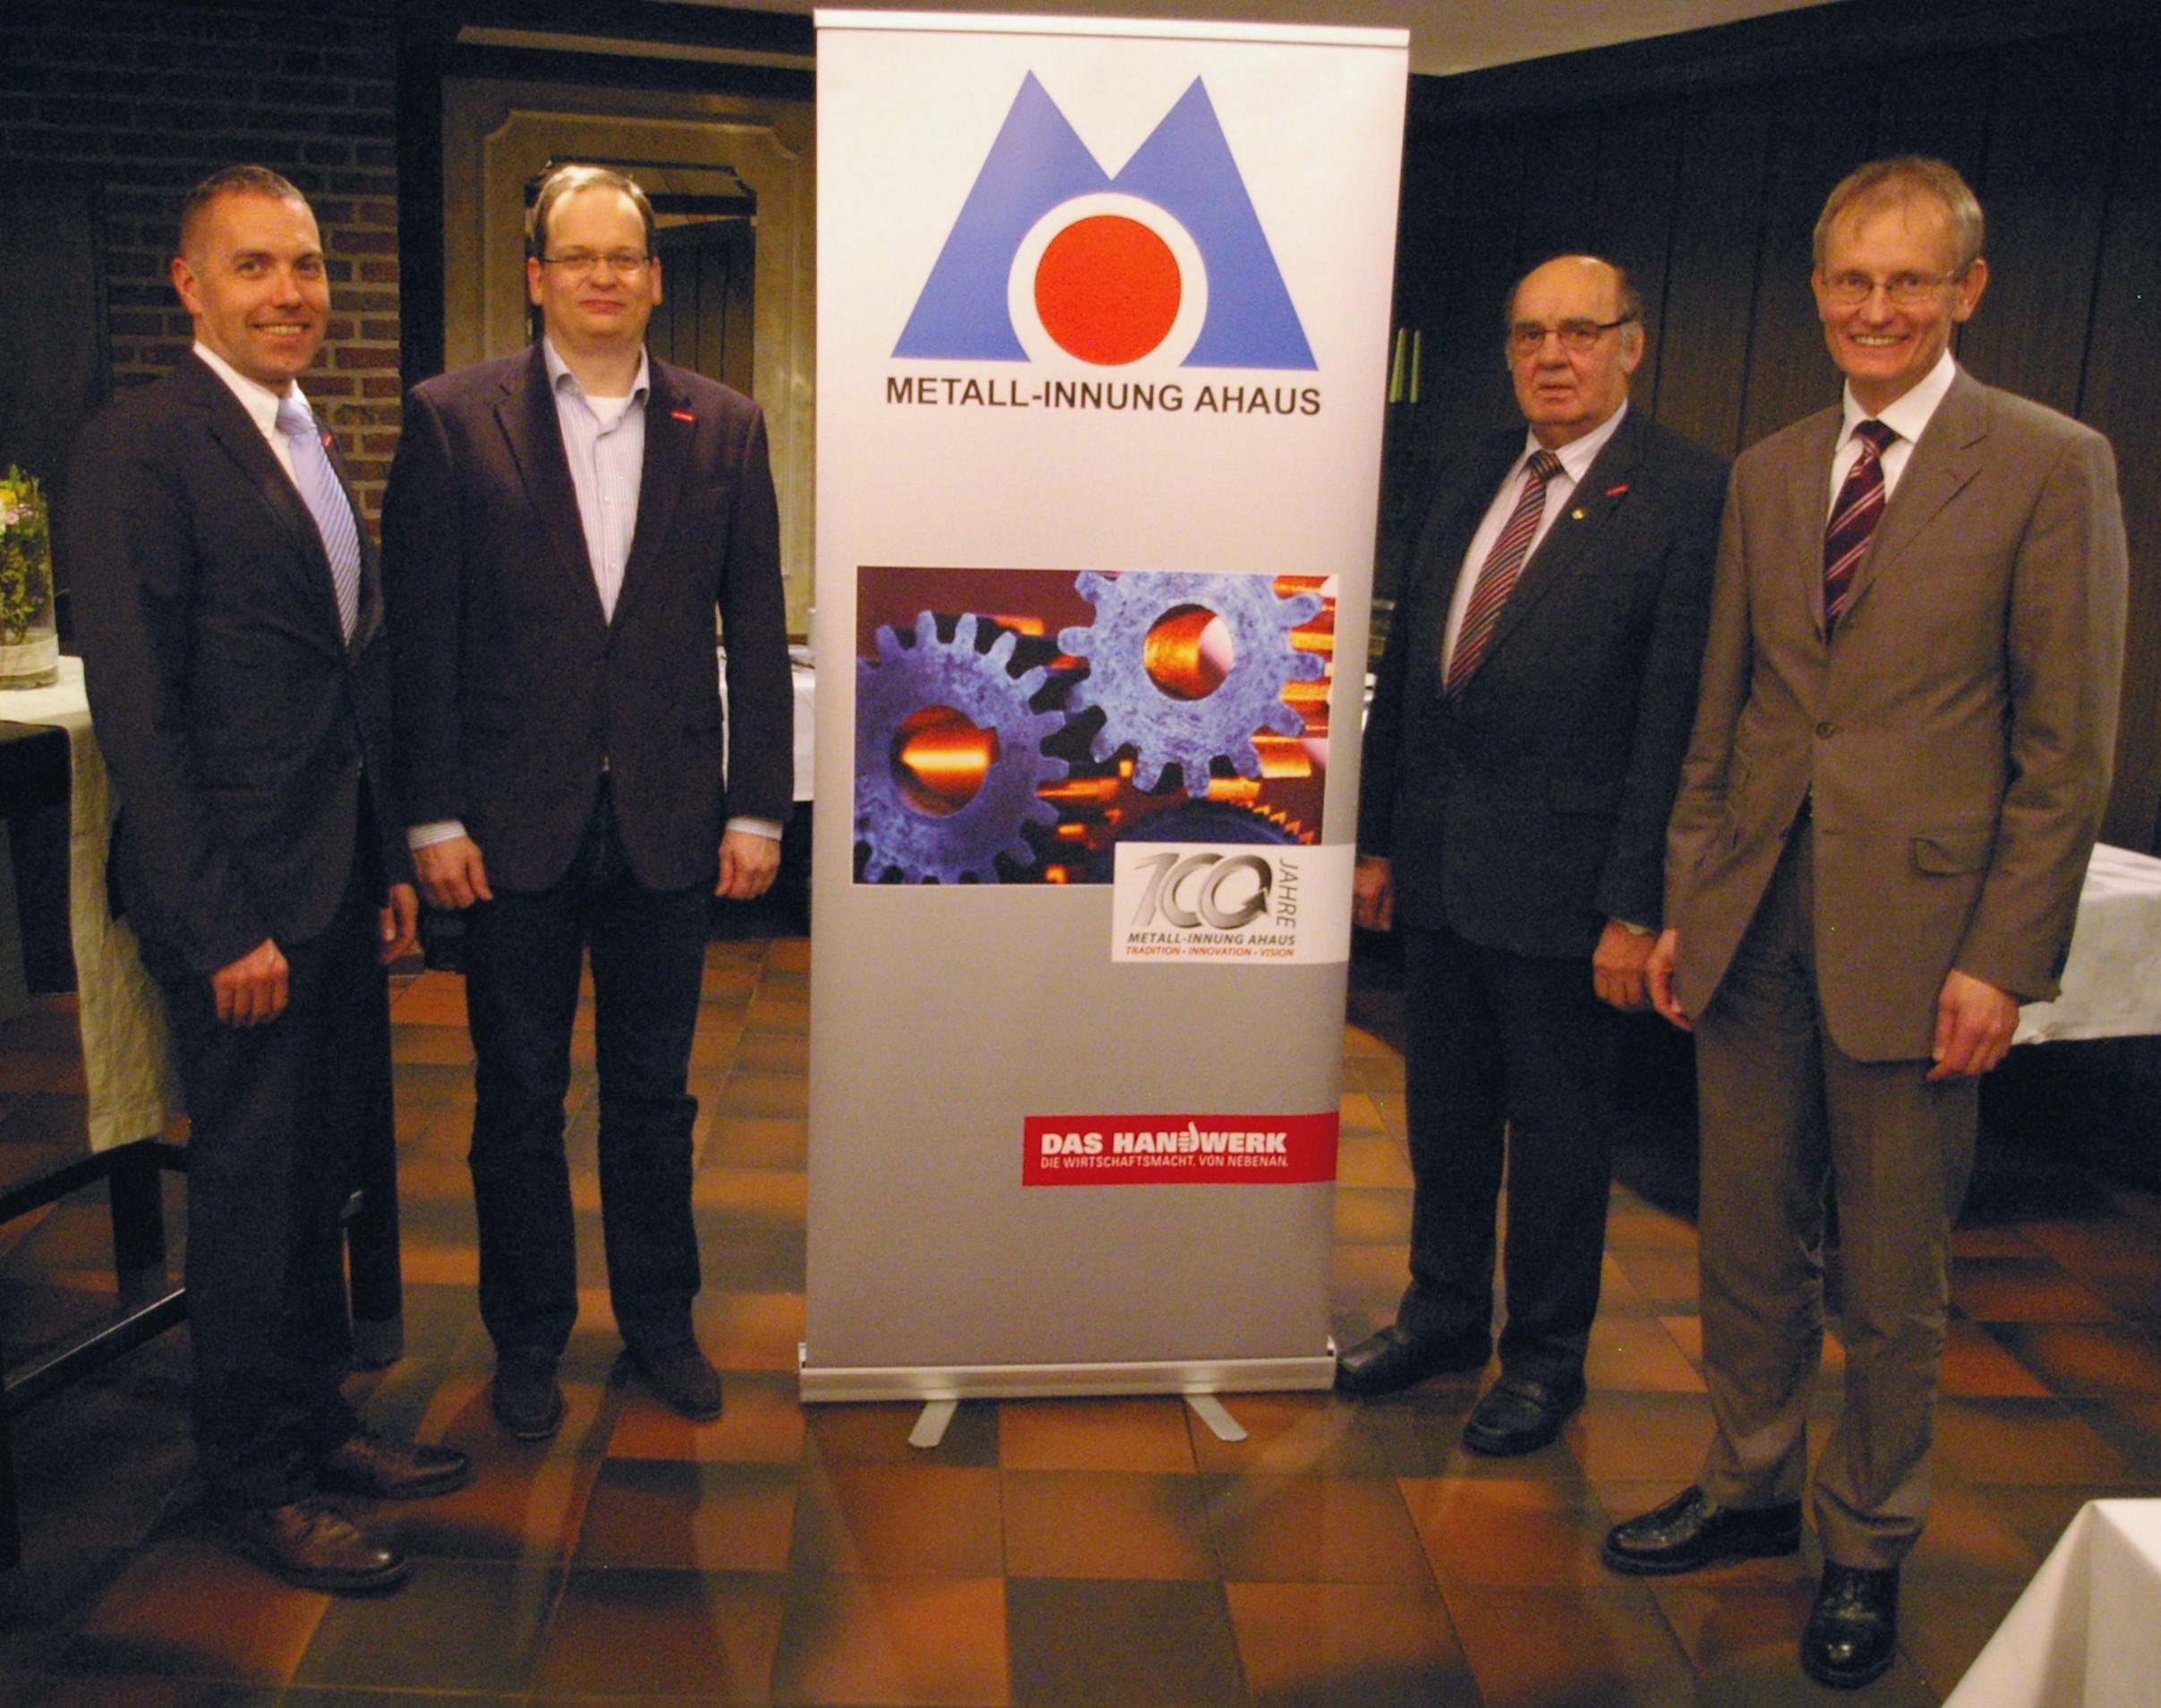 v. l. n. r. Daniel Janning, Thomas Lansing, Alfred Marx, Dr. Hörster